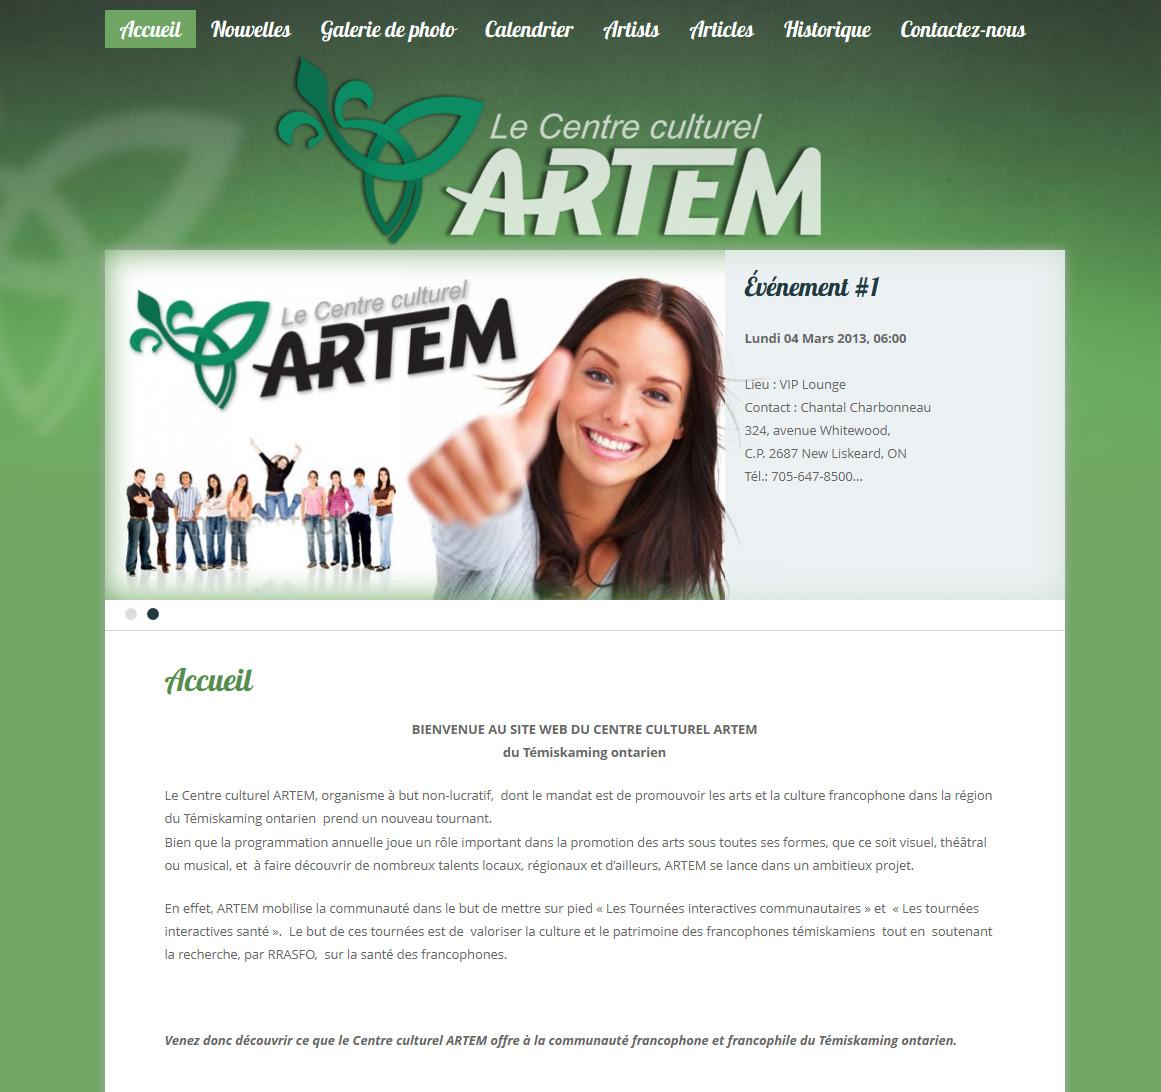 Bienvenue a notre site web!